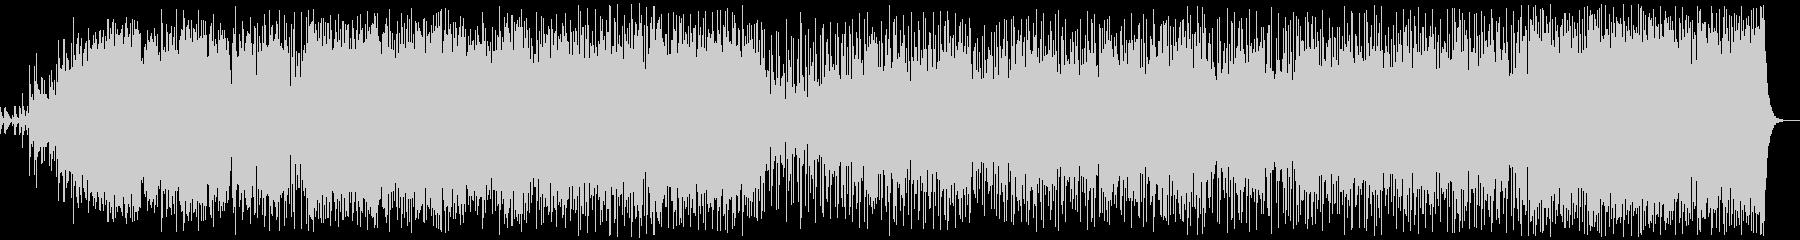 透き通ったボーカルのニューエイジの未再生の波形